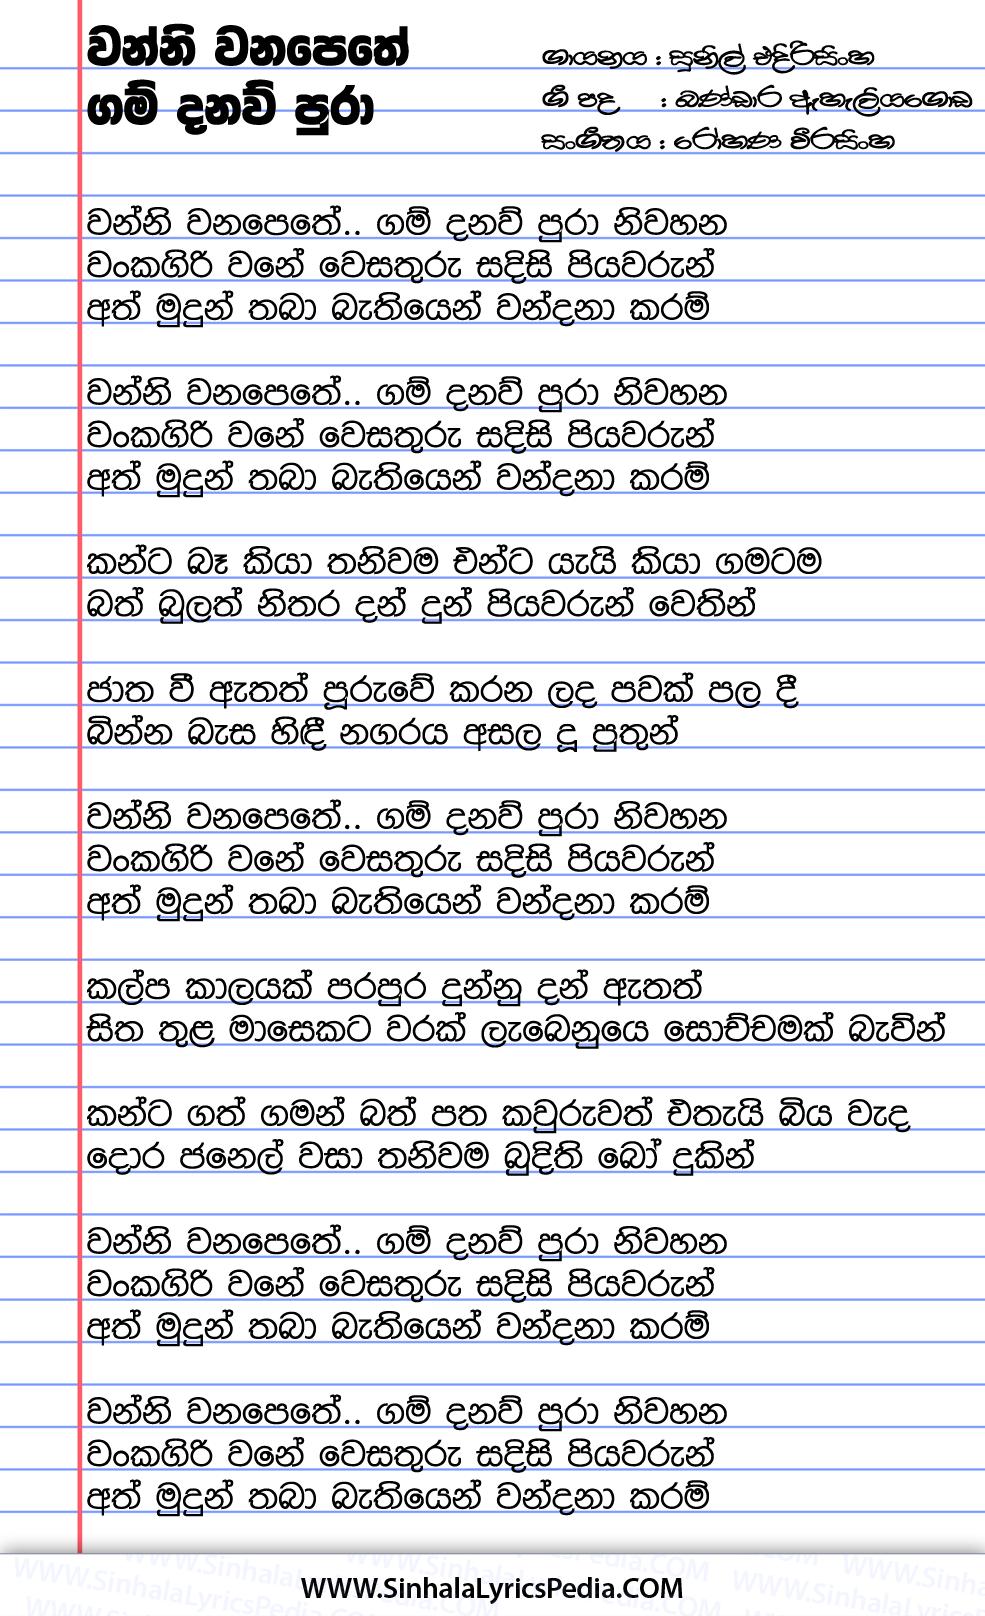 Wanni Wana Pethe Song Lyrics